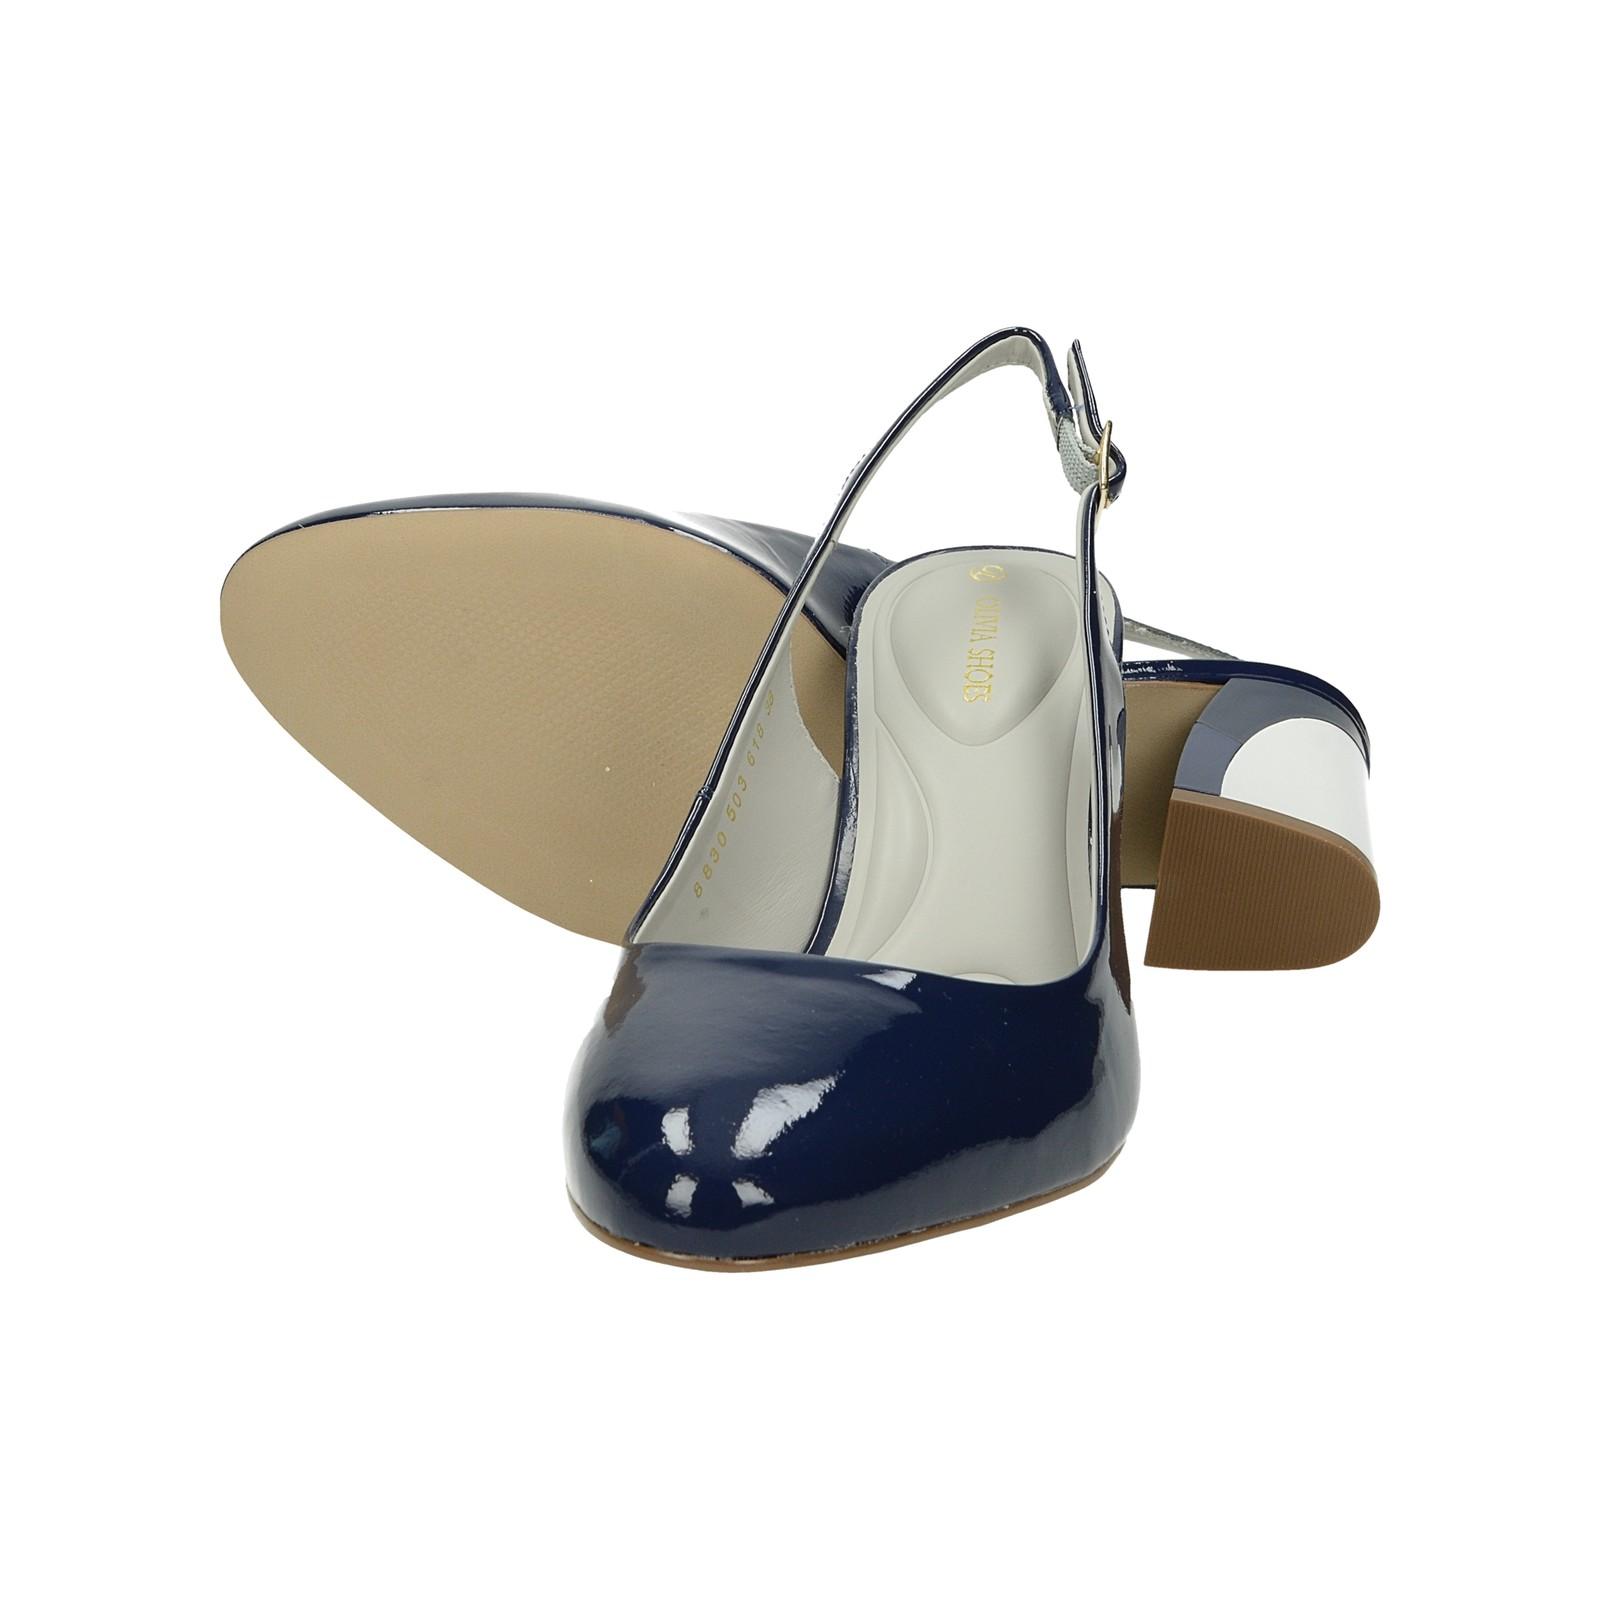 5a3ed7be02c2 ... Olivia shoes dámske lakované sandále s remienkom - modré ...